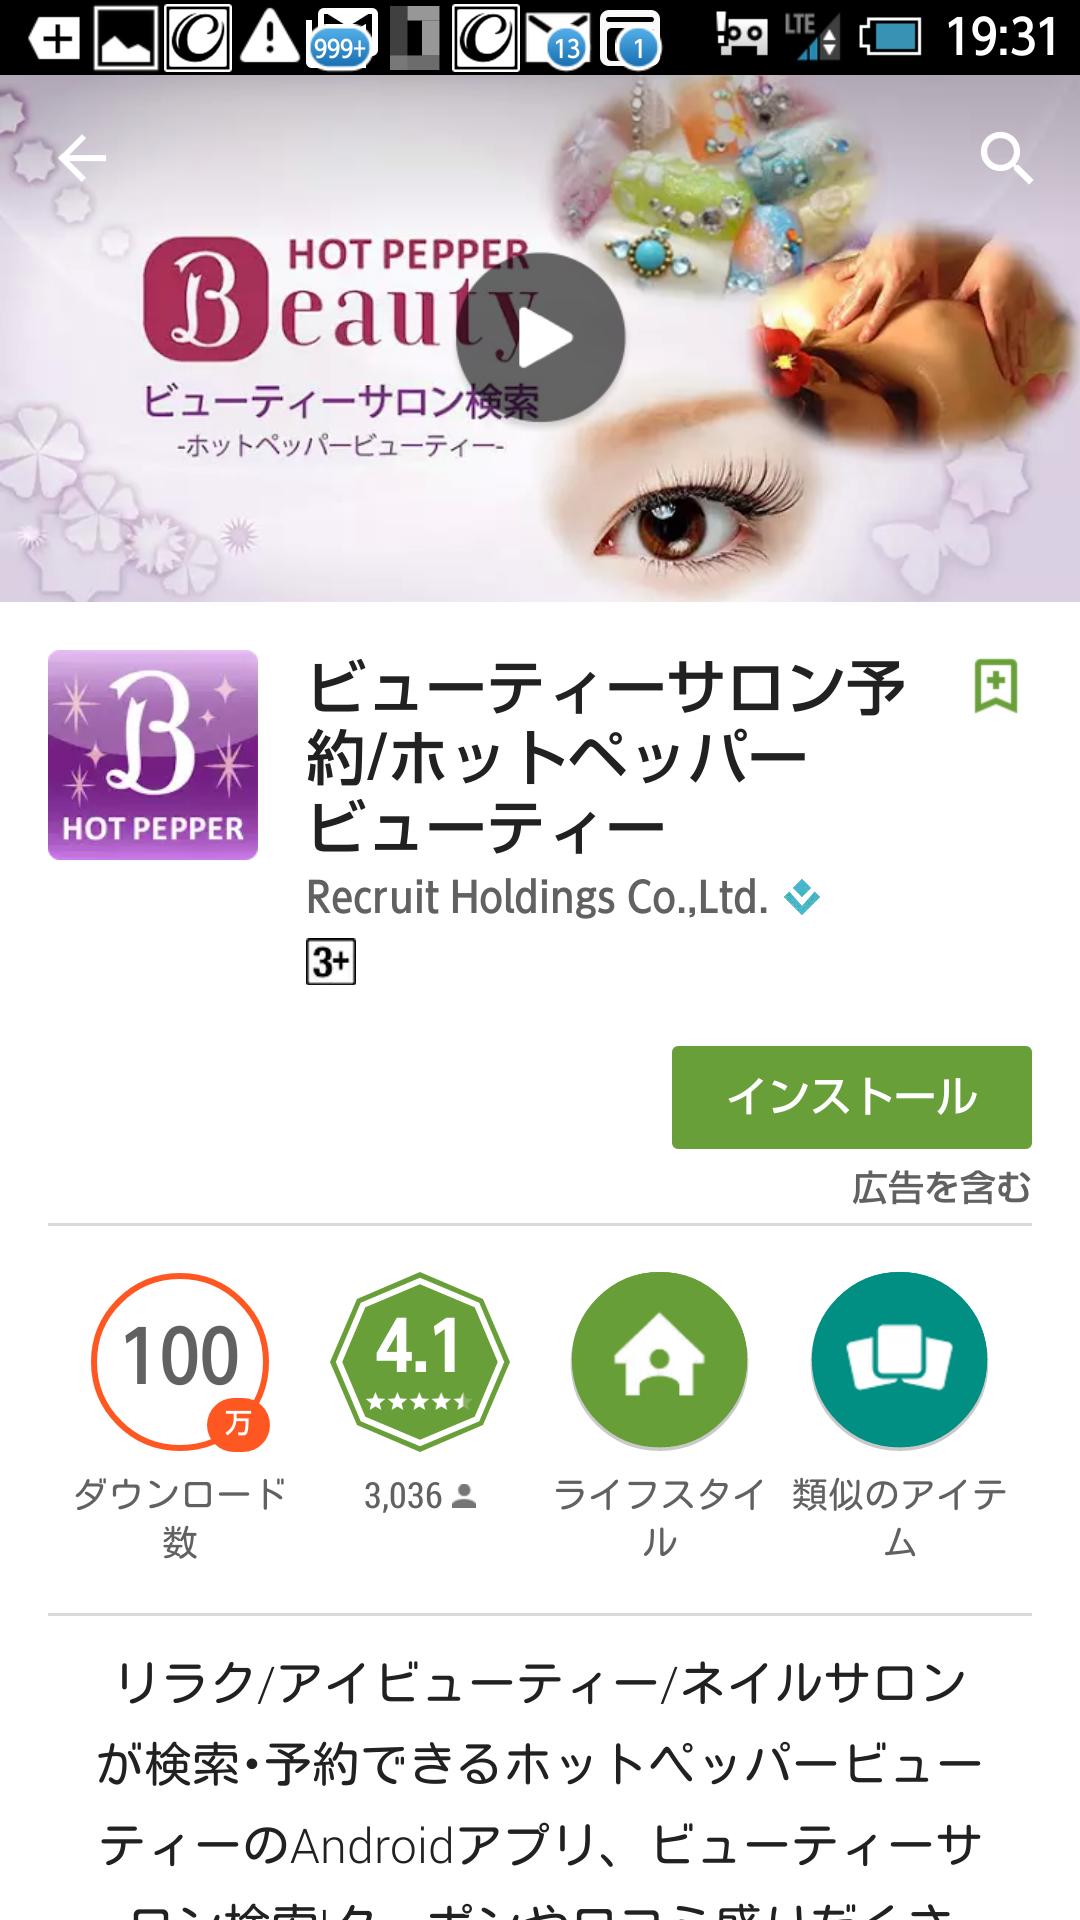 ネイルホットペッパービューティーアプリ